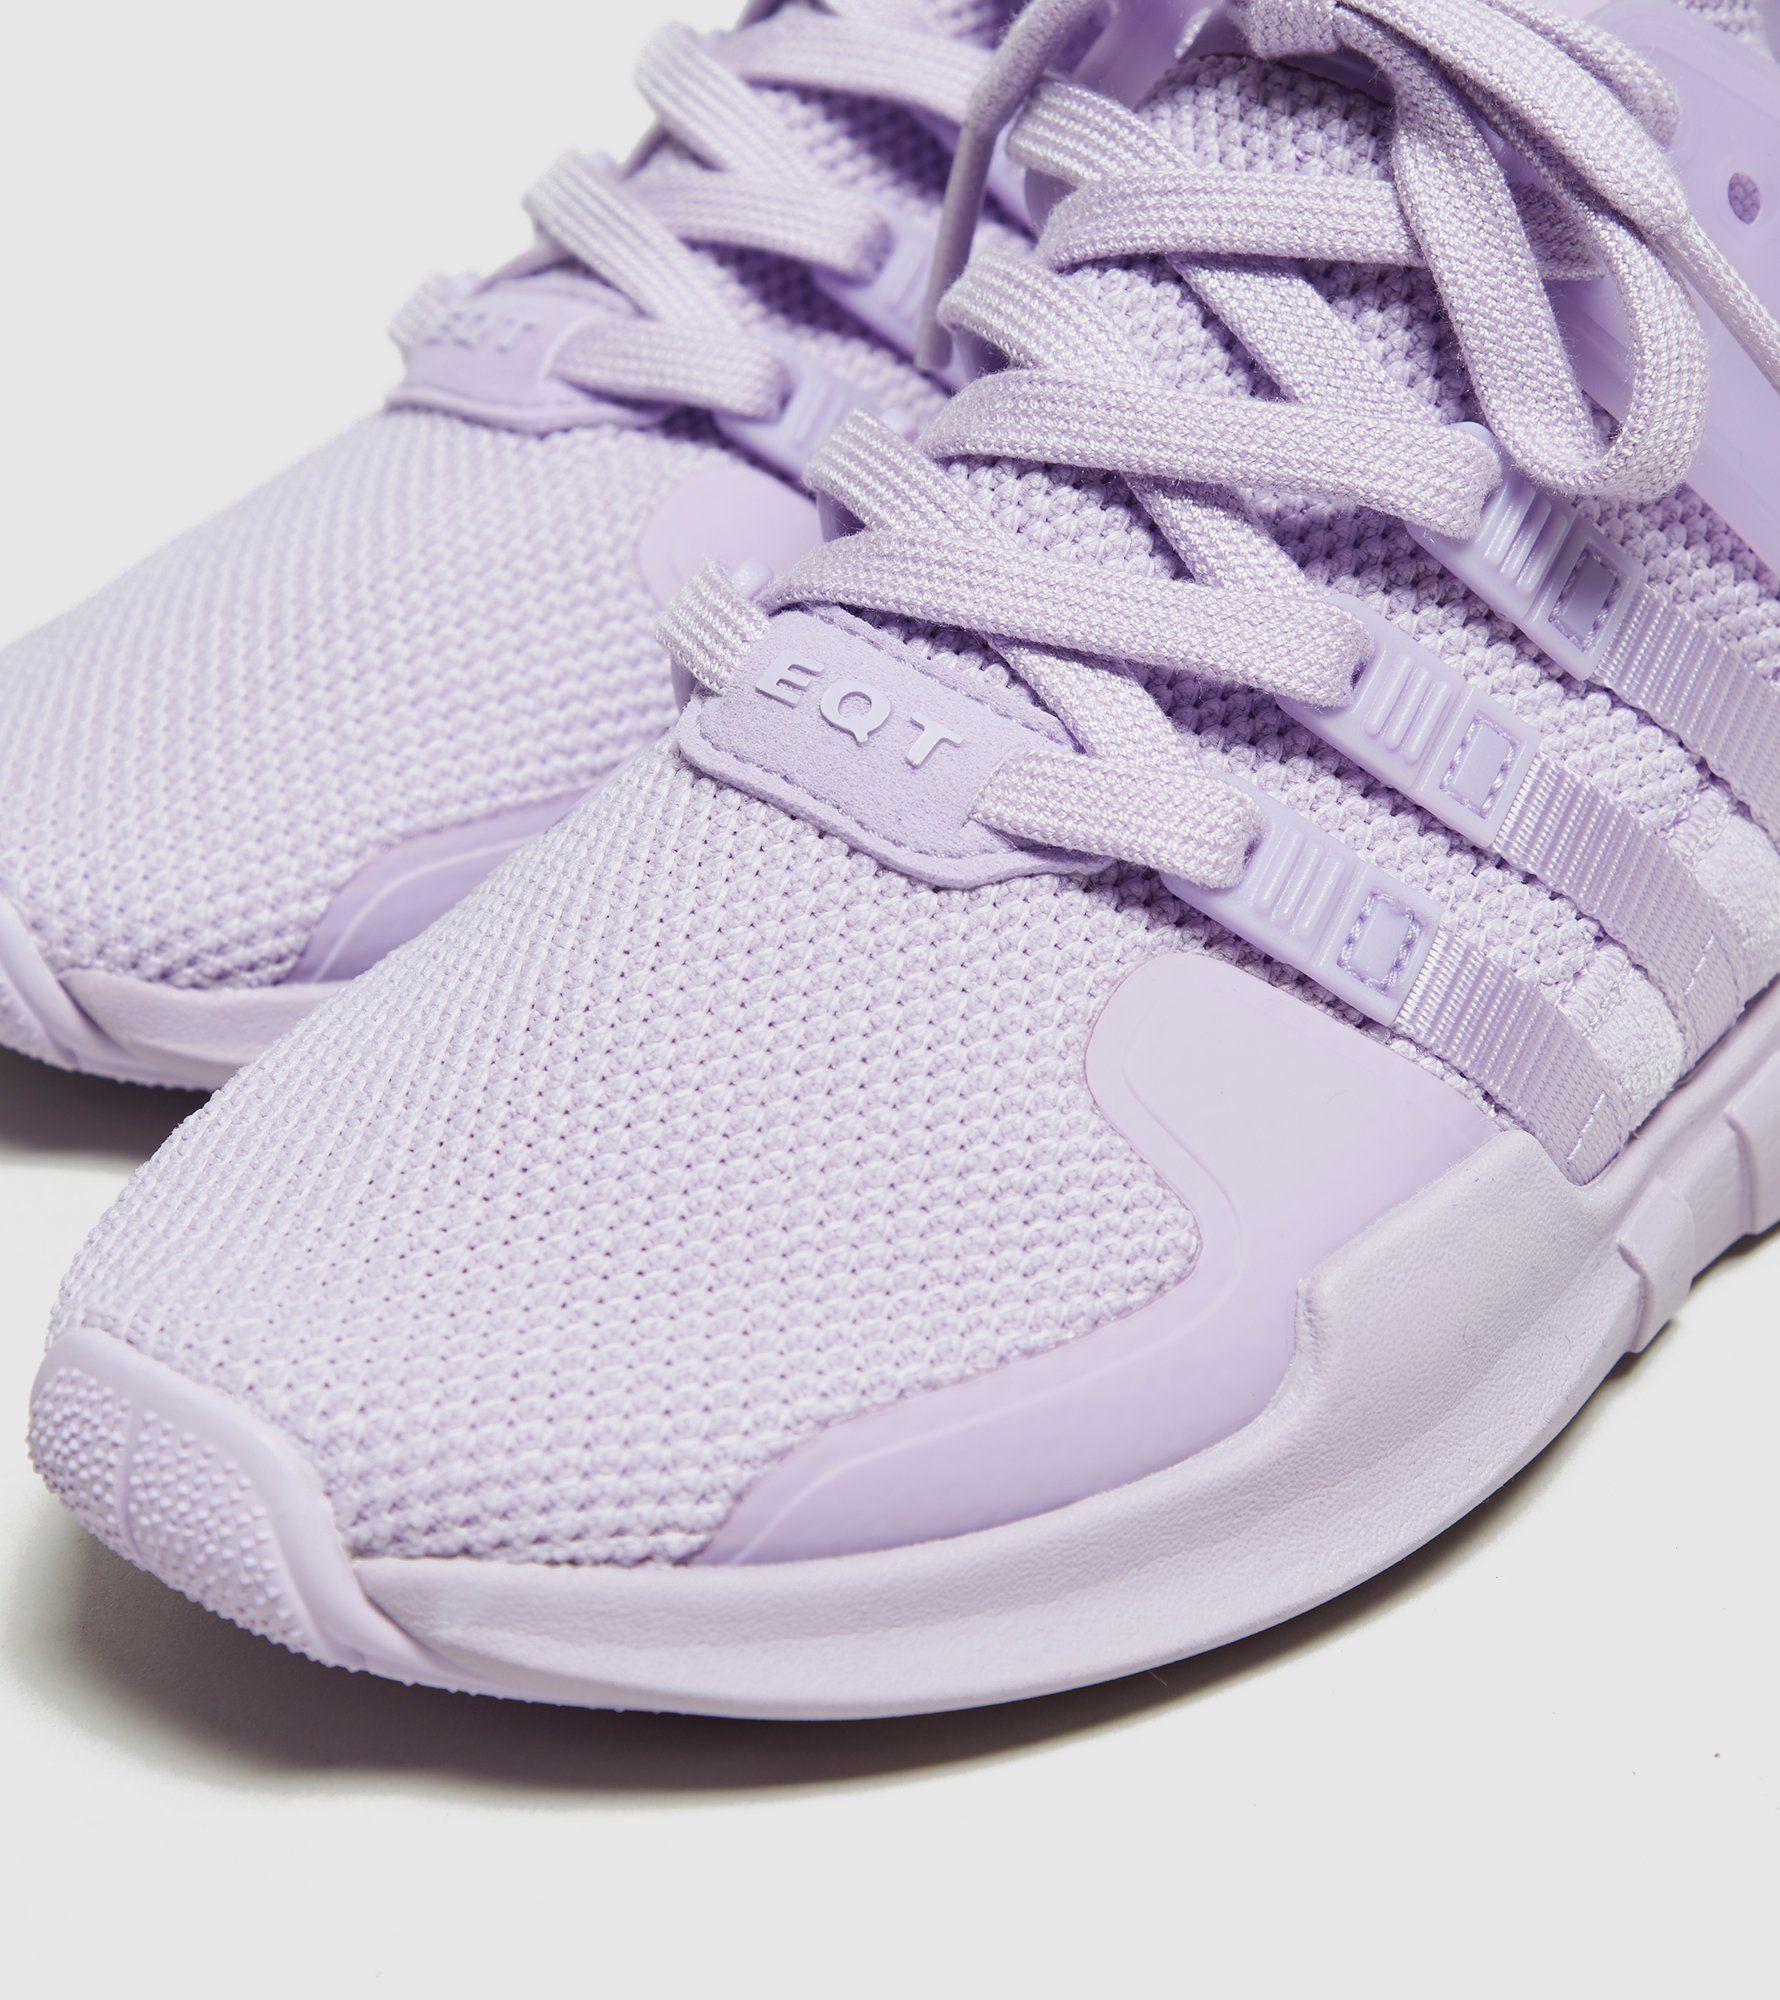 adidas eqt appoggio avanzati promuovere bianco viola